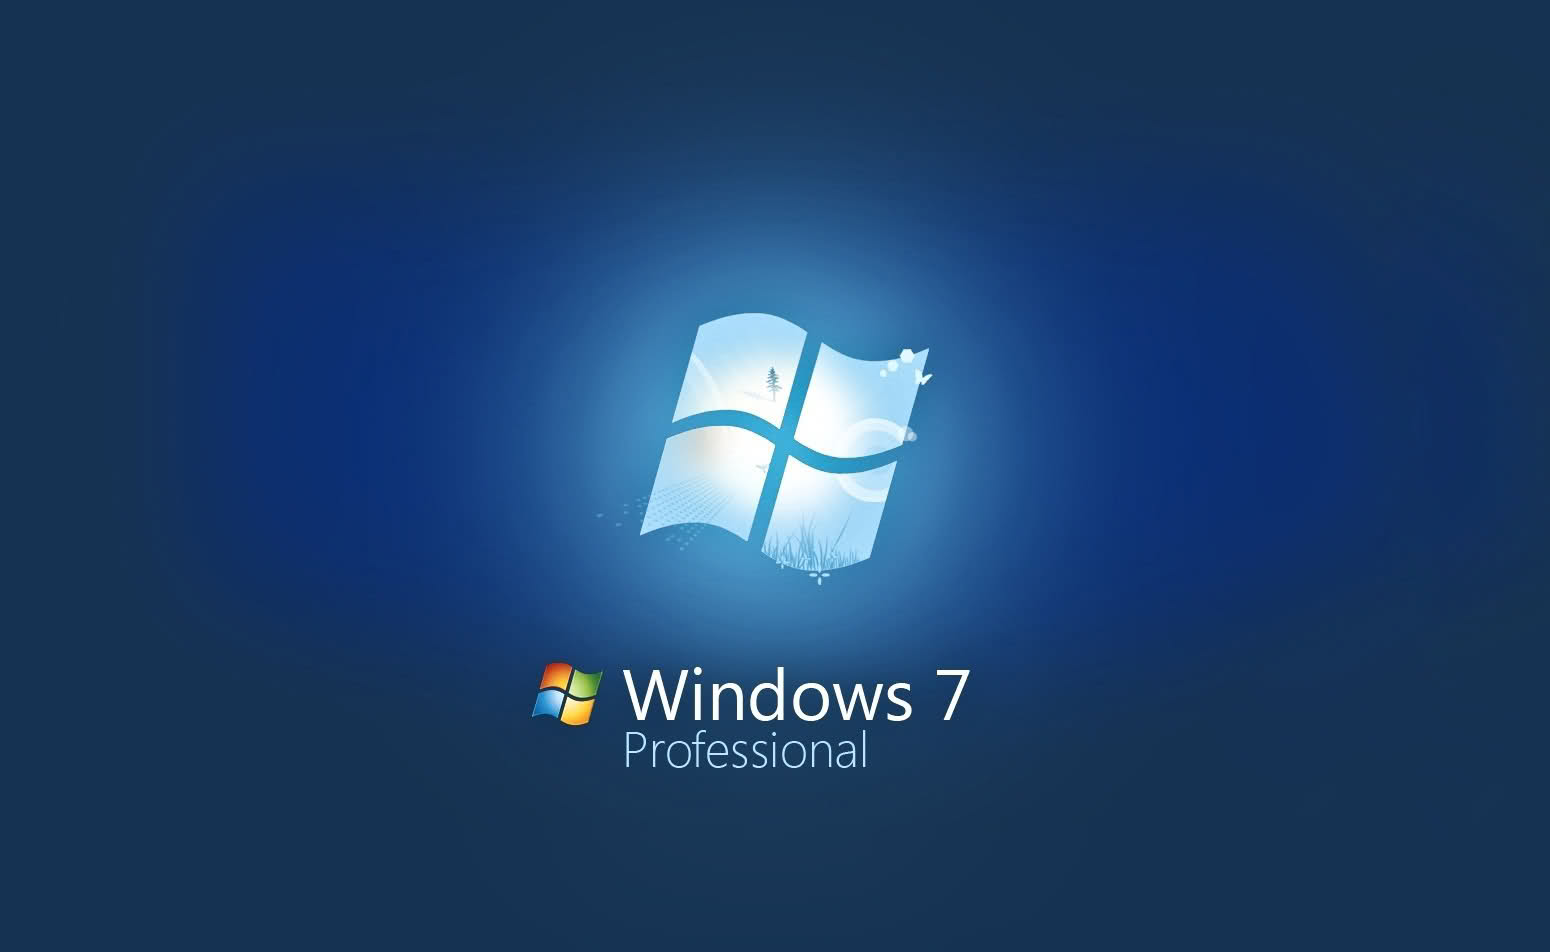 تحميل ويندوز 7 النسخة الاصلية مجانا